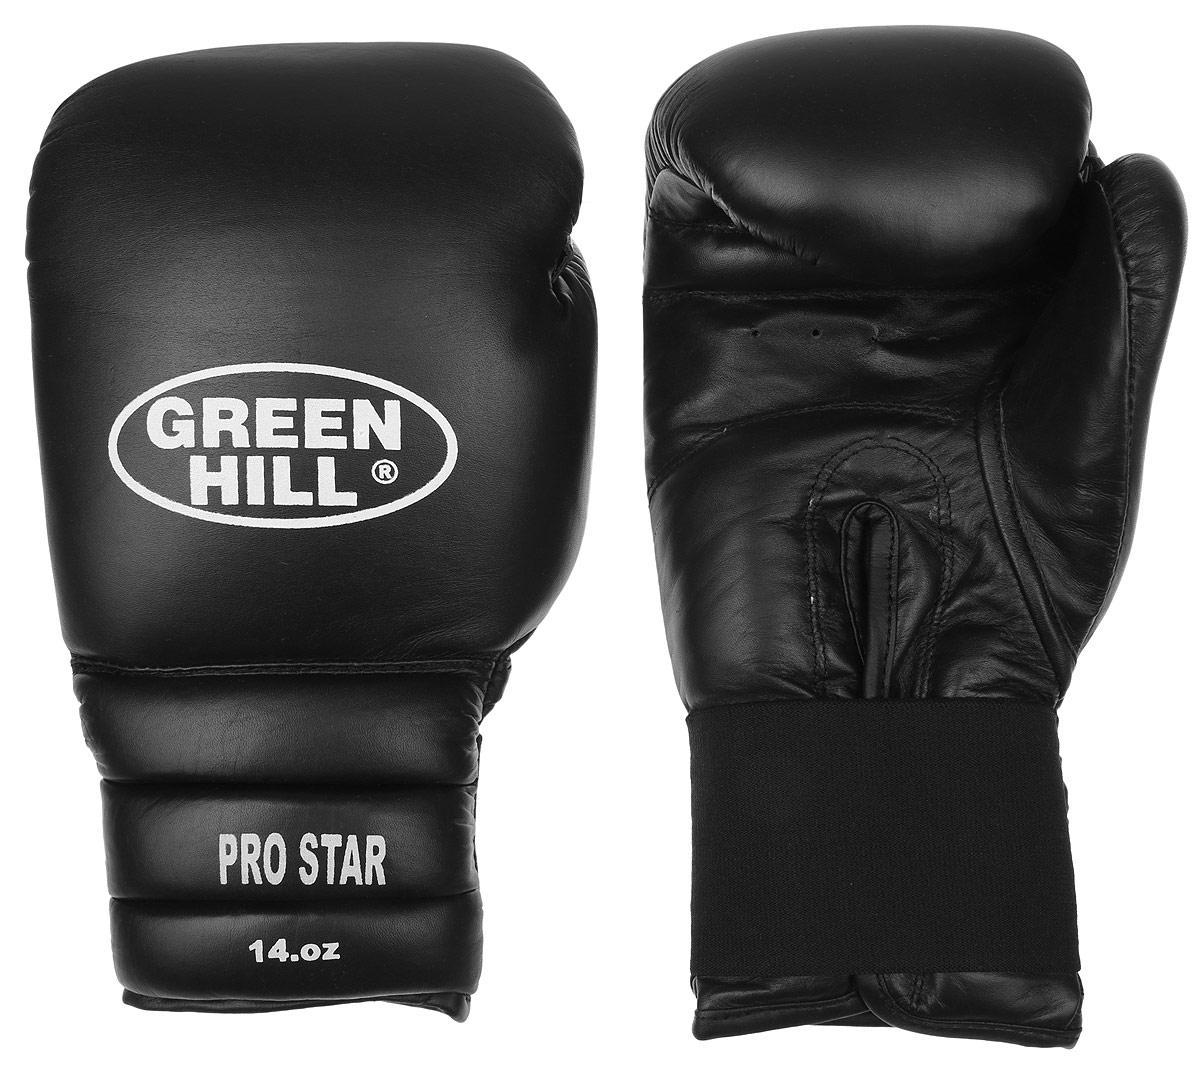 Перчатки боксерские Green Hill Pro Star, цвет: черный, белый. Вес 14 унций. BGPS-2012BGPS-2012Тренировочные боксерские перчатки Green Hill Pro Star отлично подойдут для спаррингов. Верх выполнен из натуральной кожи, наполнитель - из вспененного полимера. Отверстие в области ладони позволяет создать максимально комфортный терморежим во время занятий. Удлиненный сегментированный манжет способствует быстрому и удобному надеванию перчаток, плотно фиксирует их на руке.